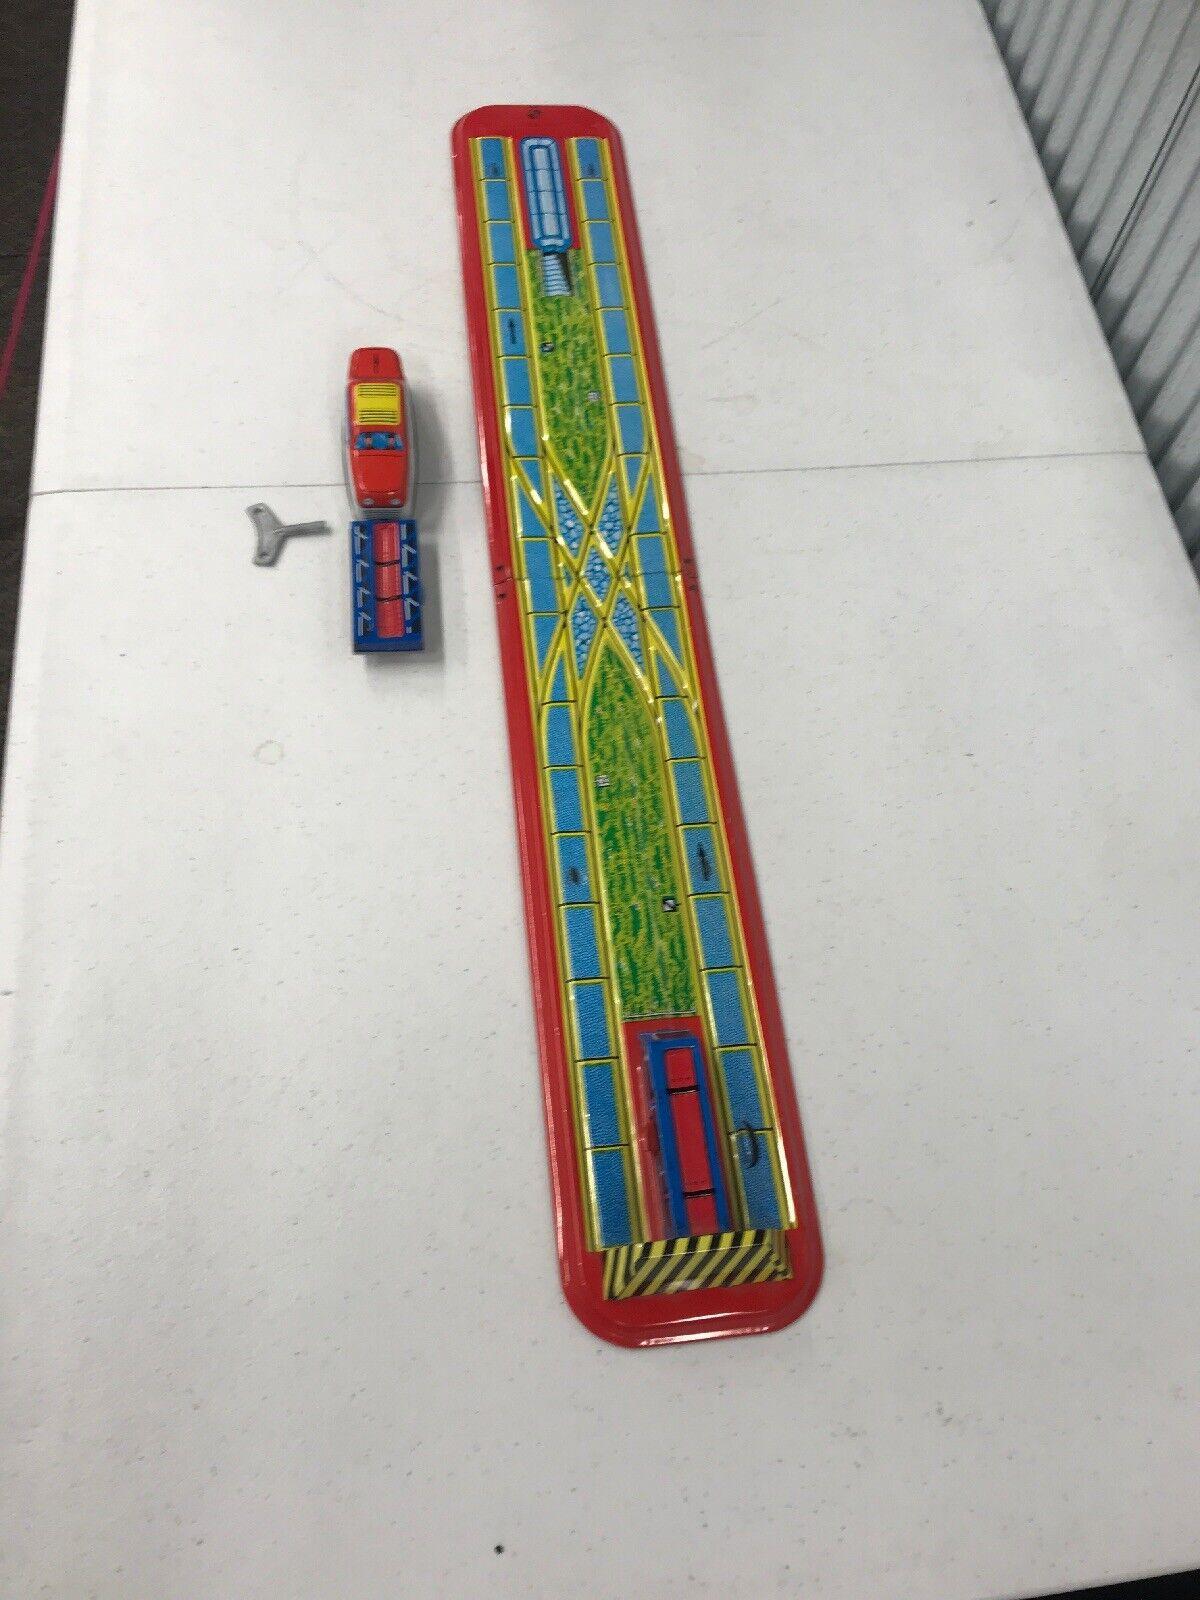 ventas en linea Antiguo    Juguete De De De Estaño Wind Up   Tren Pista de volcado de interruptor  moda clasica